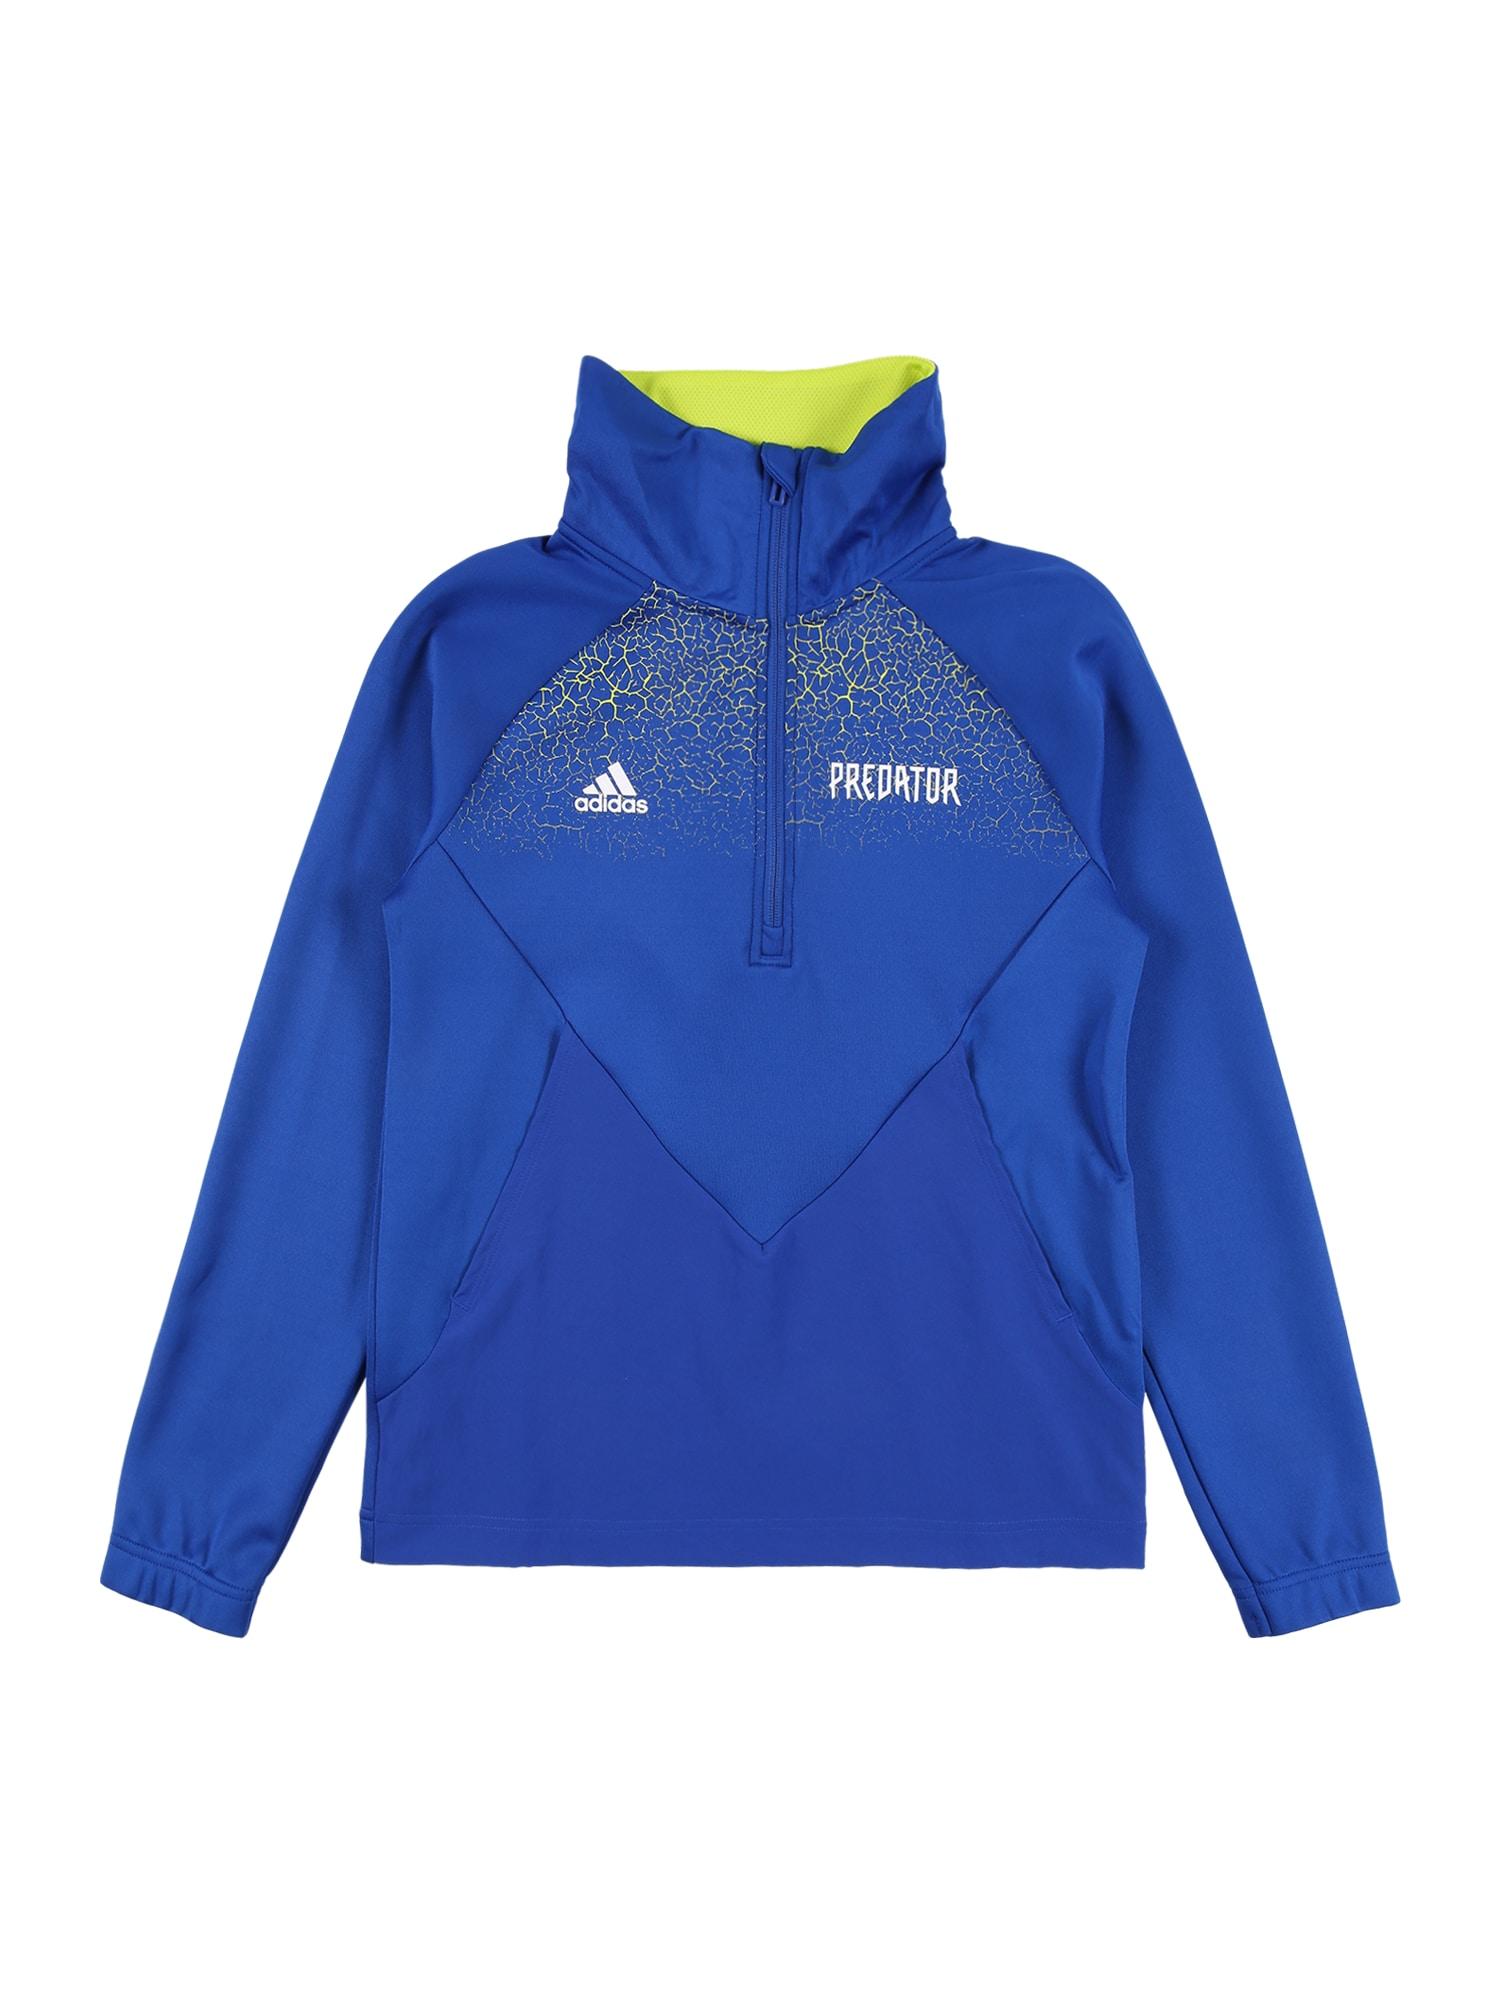 ADIDAS PERFORMANCE Sportiniai marškinėliai mėlyna / neoninė žalia / balta